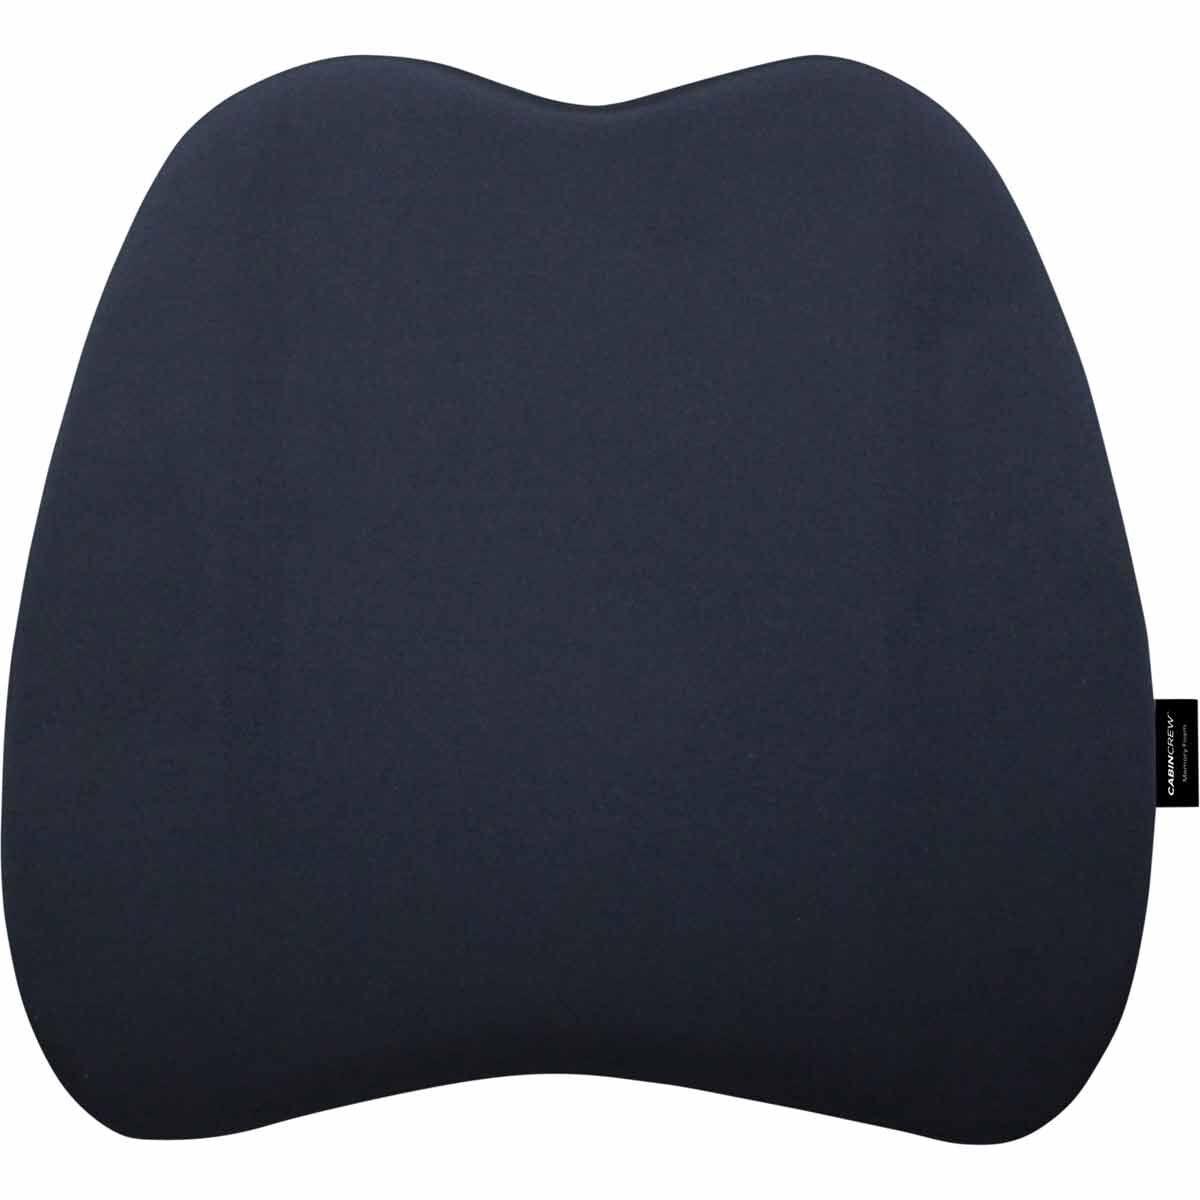 memory foam lumbar cushion black